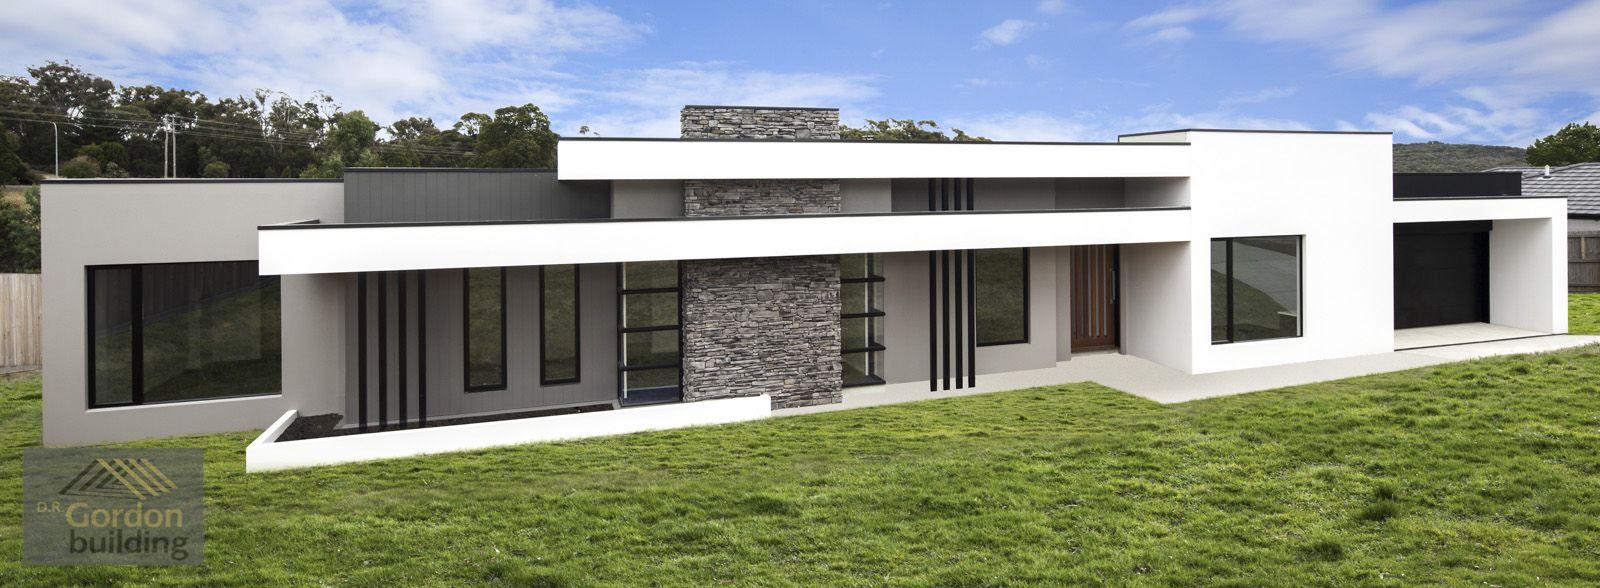 Modern Homestead Facade (With images) | Facade house ...